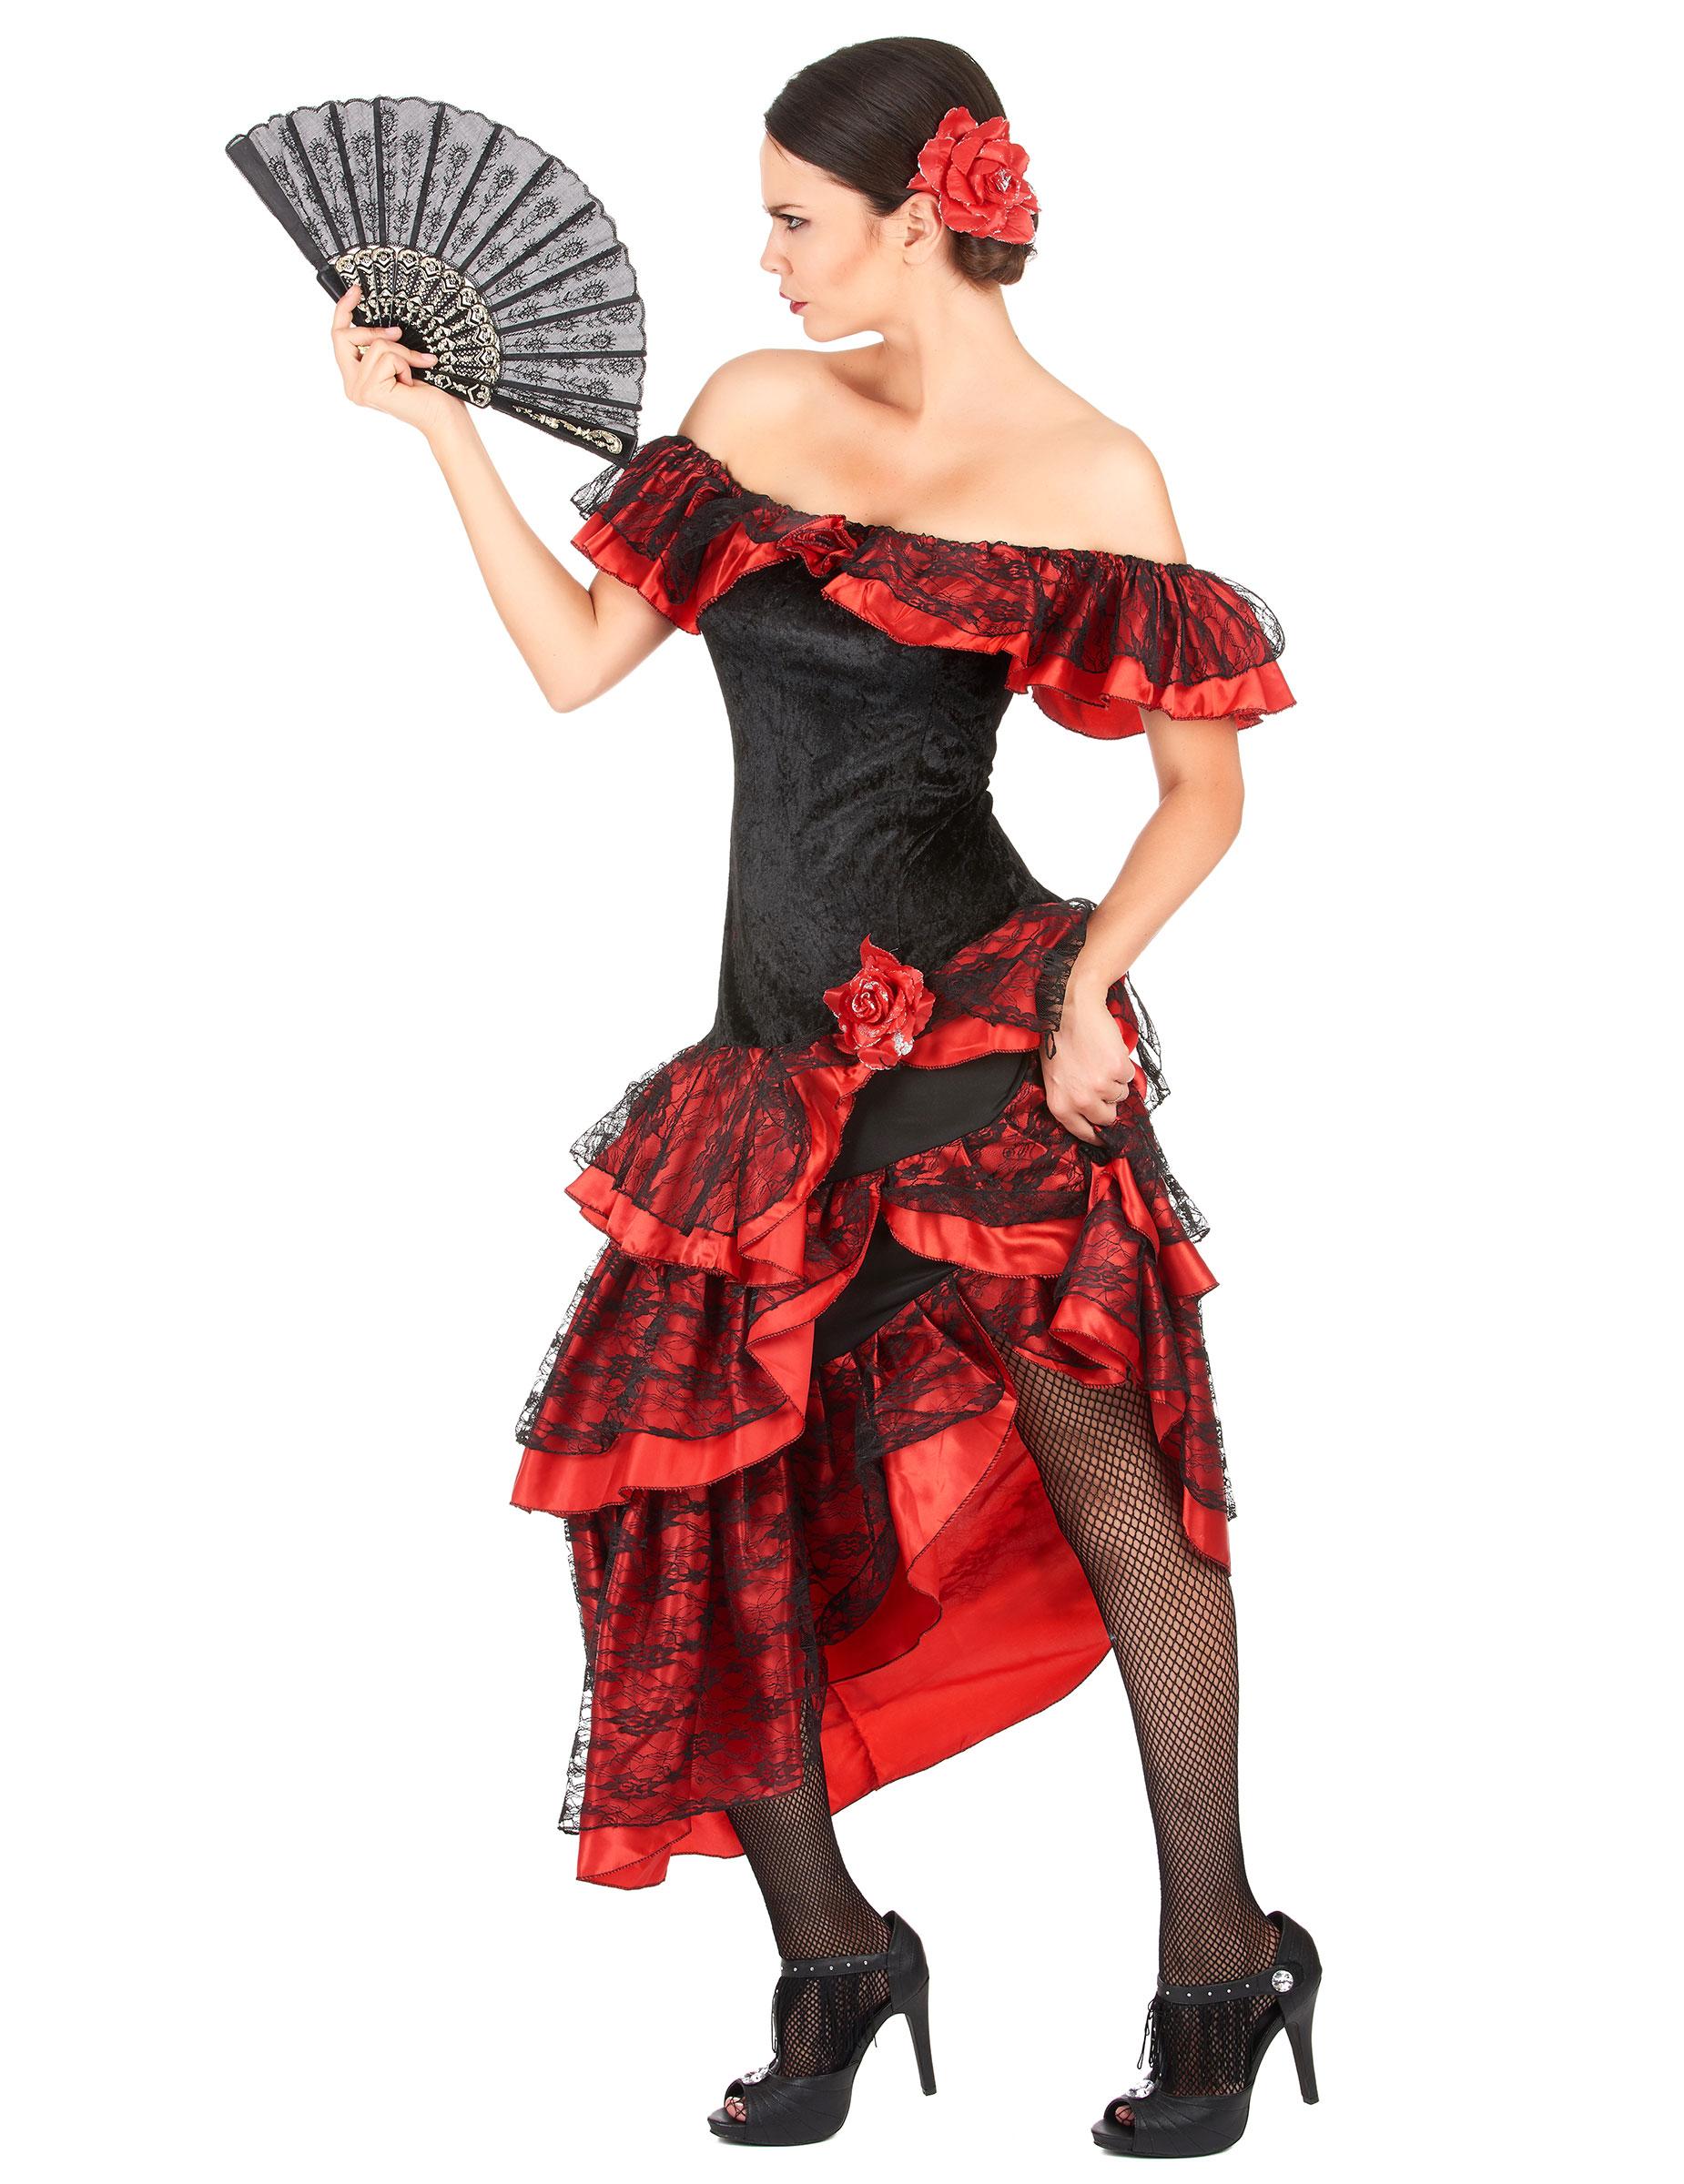 D guisement danseuse de flamenco femme rouge et noir - Danseuse flamenco dessin ...